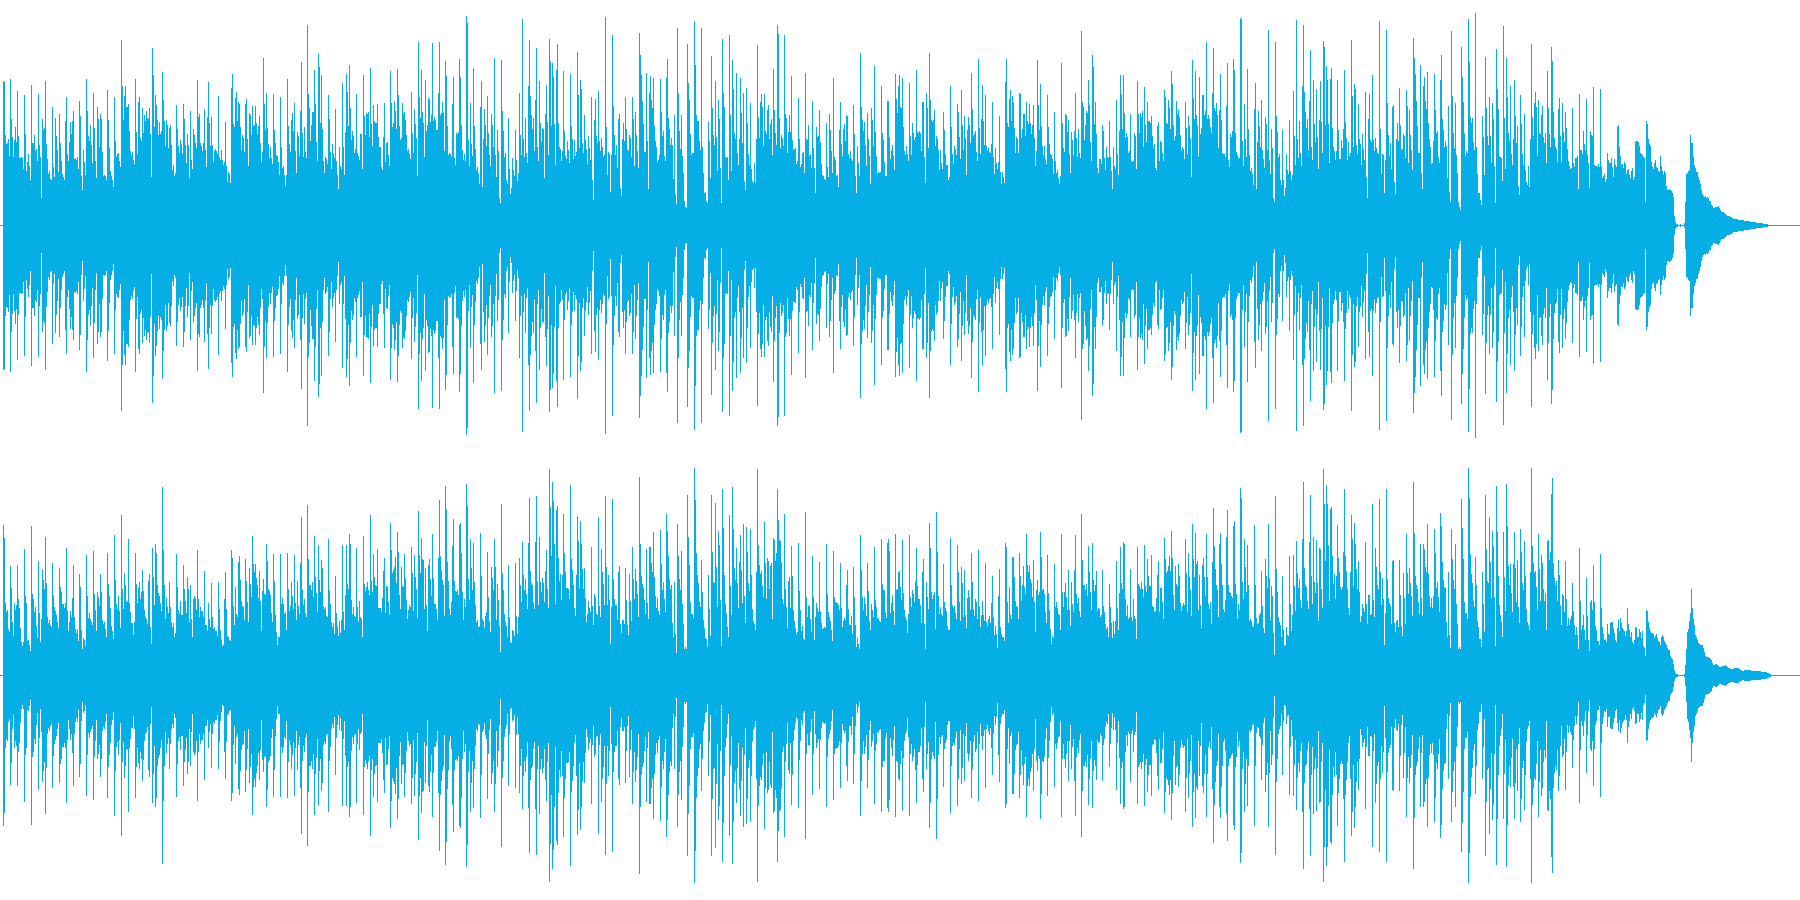 ほのぼのした雰囲気のポップスの再生済みの波形